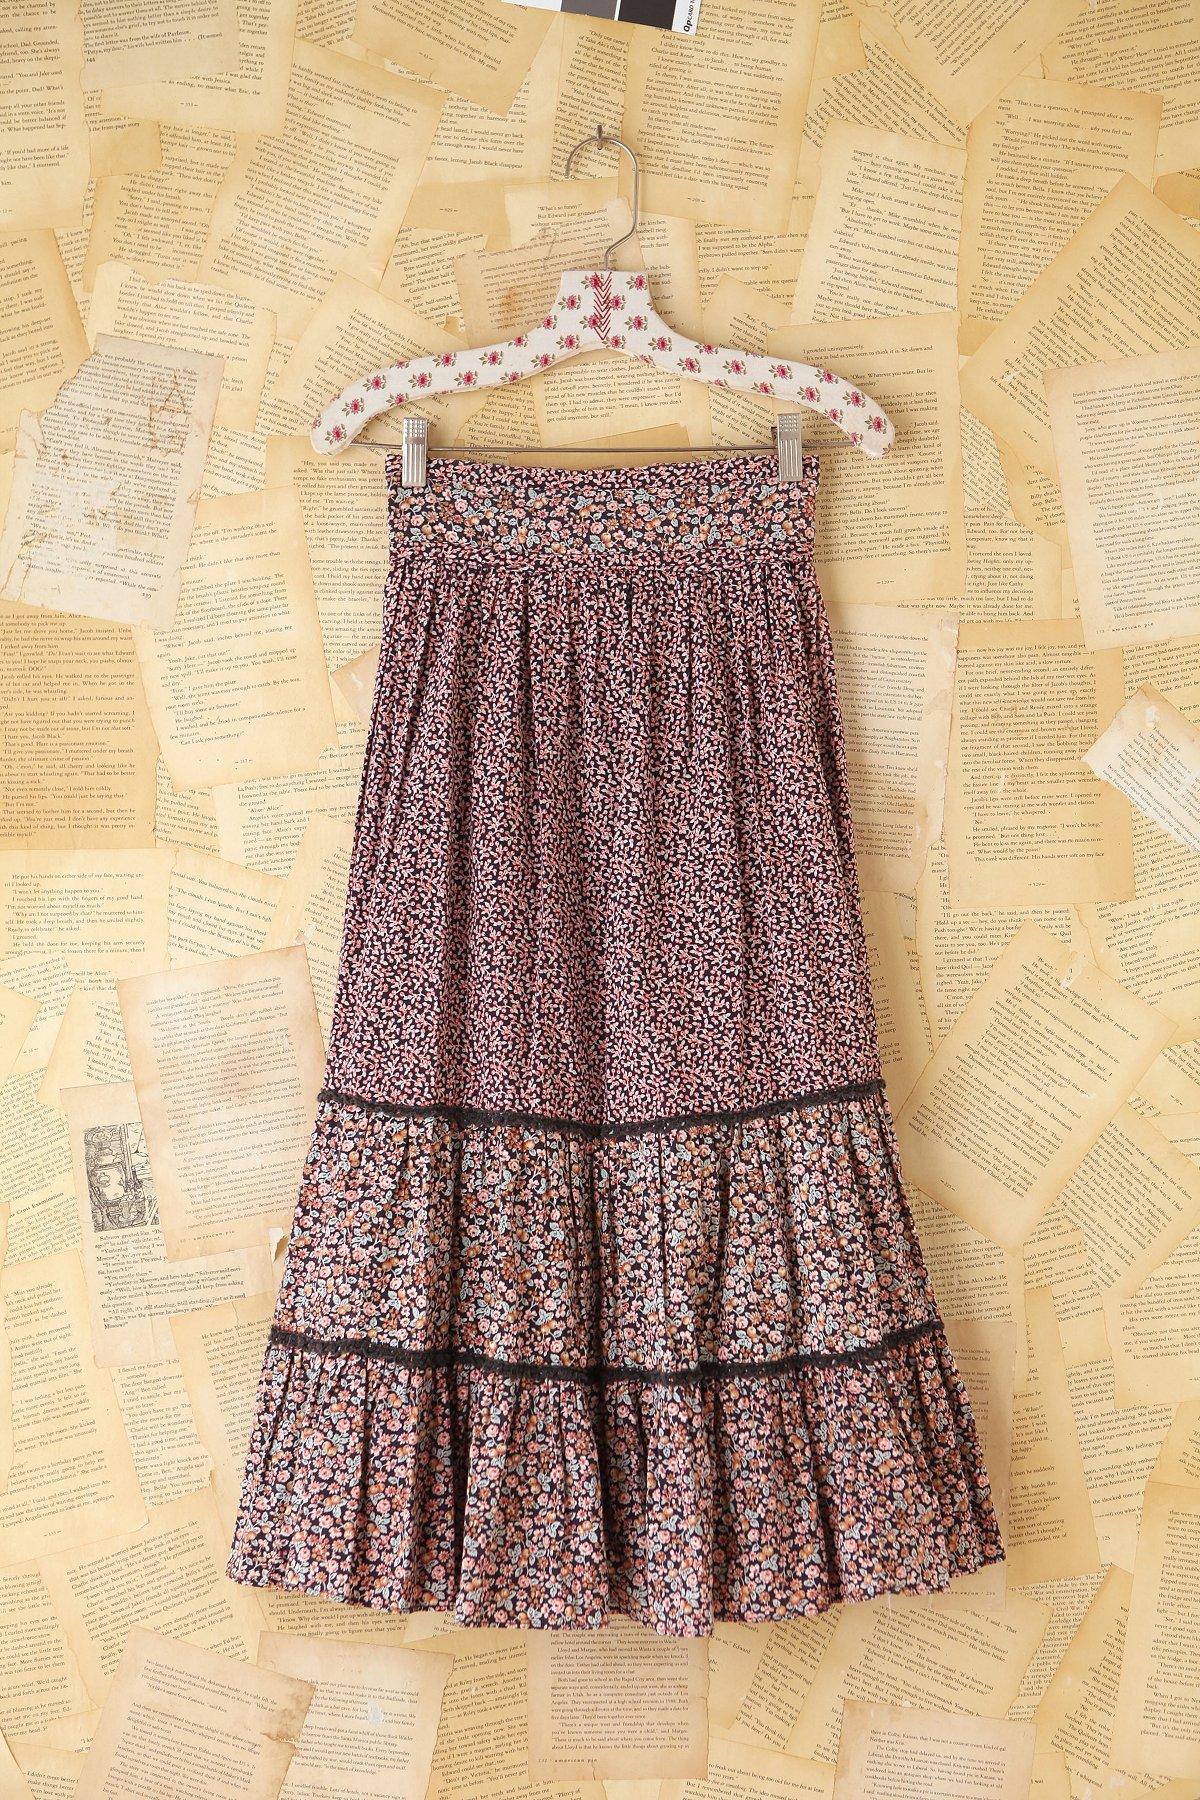 Vintage Floral Printed Tiered Skirt